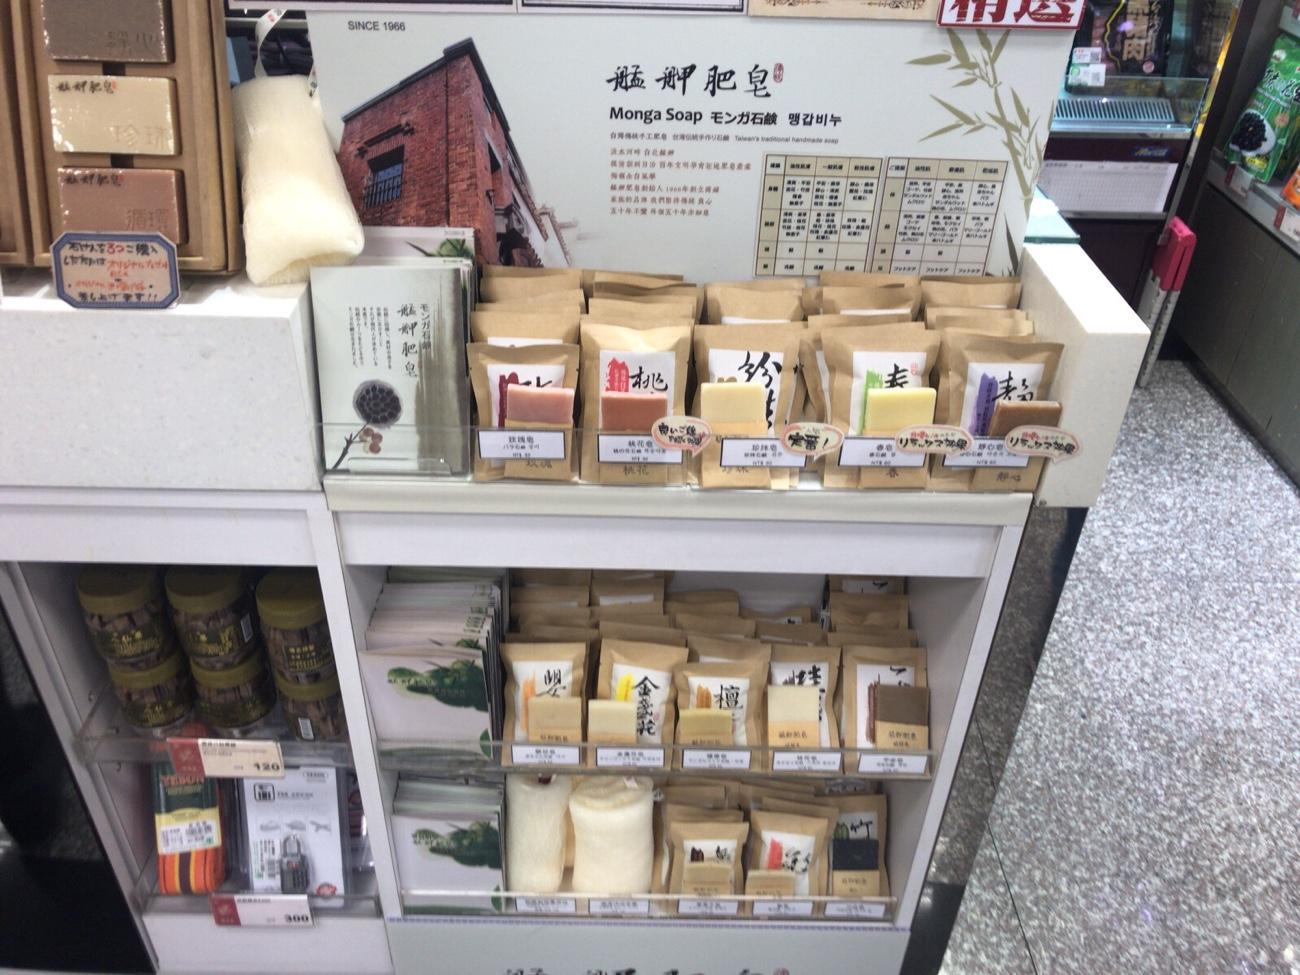 バラマキ土産におすすめ 台北松山空港1階の新東陽 モンガ石鹸